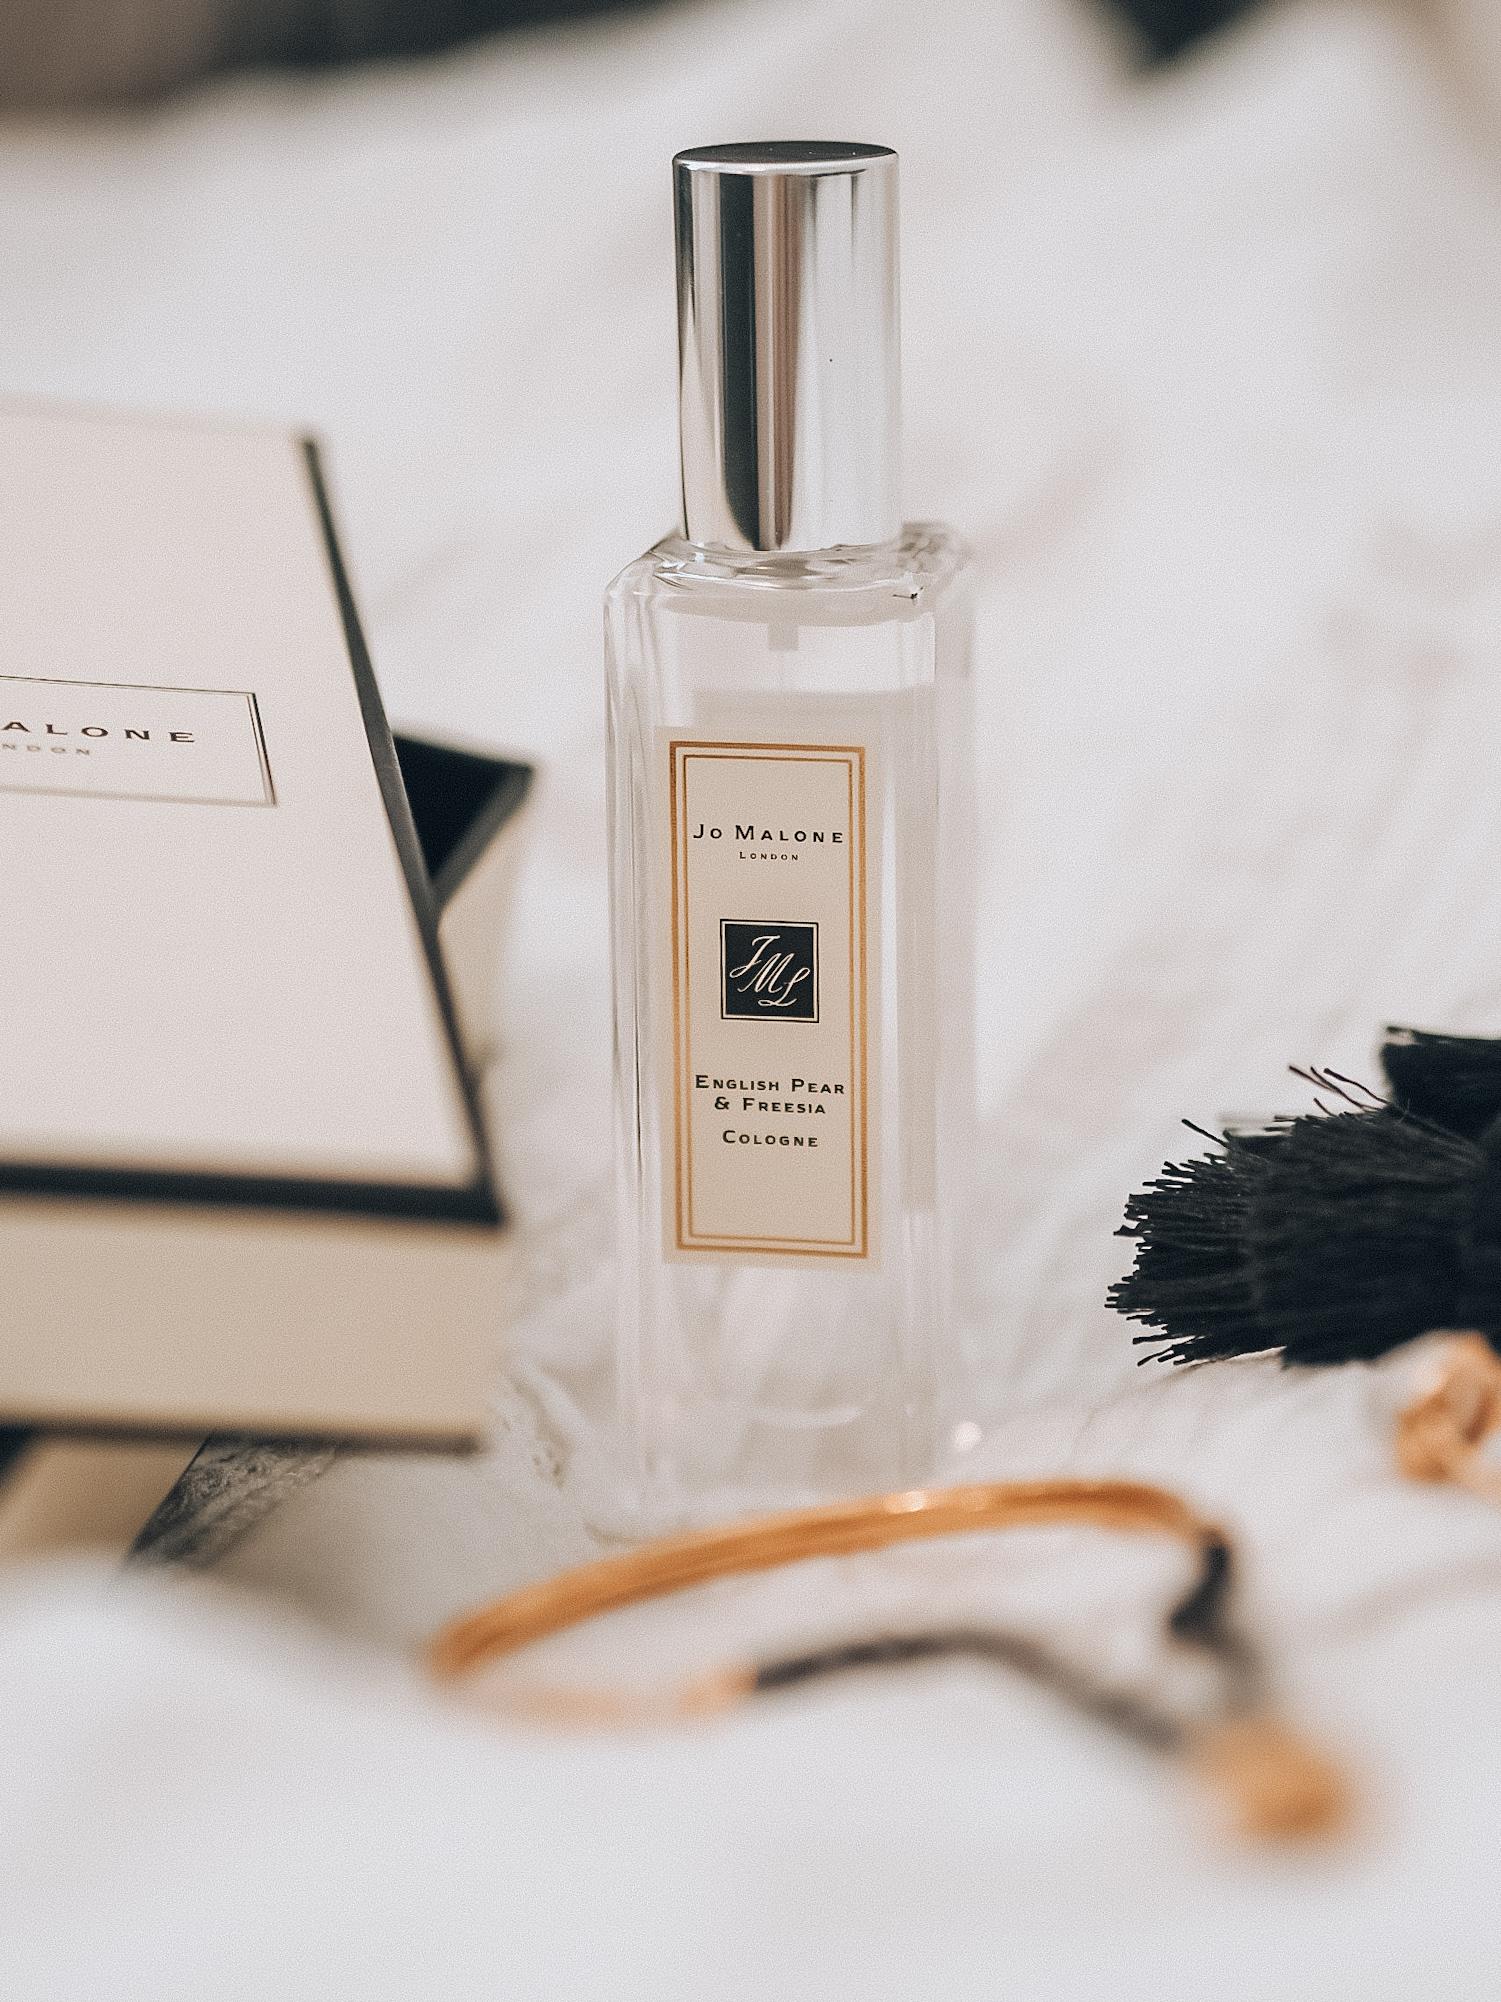 Jo Malone declare you scent